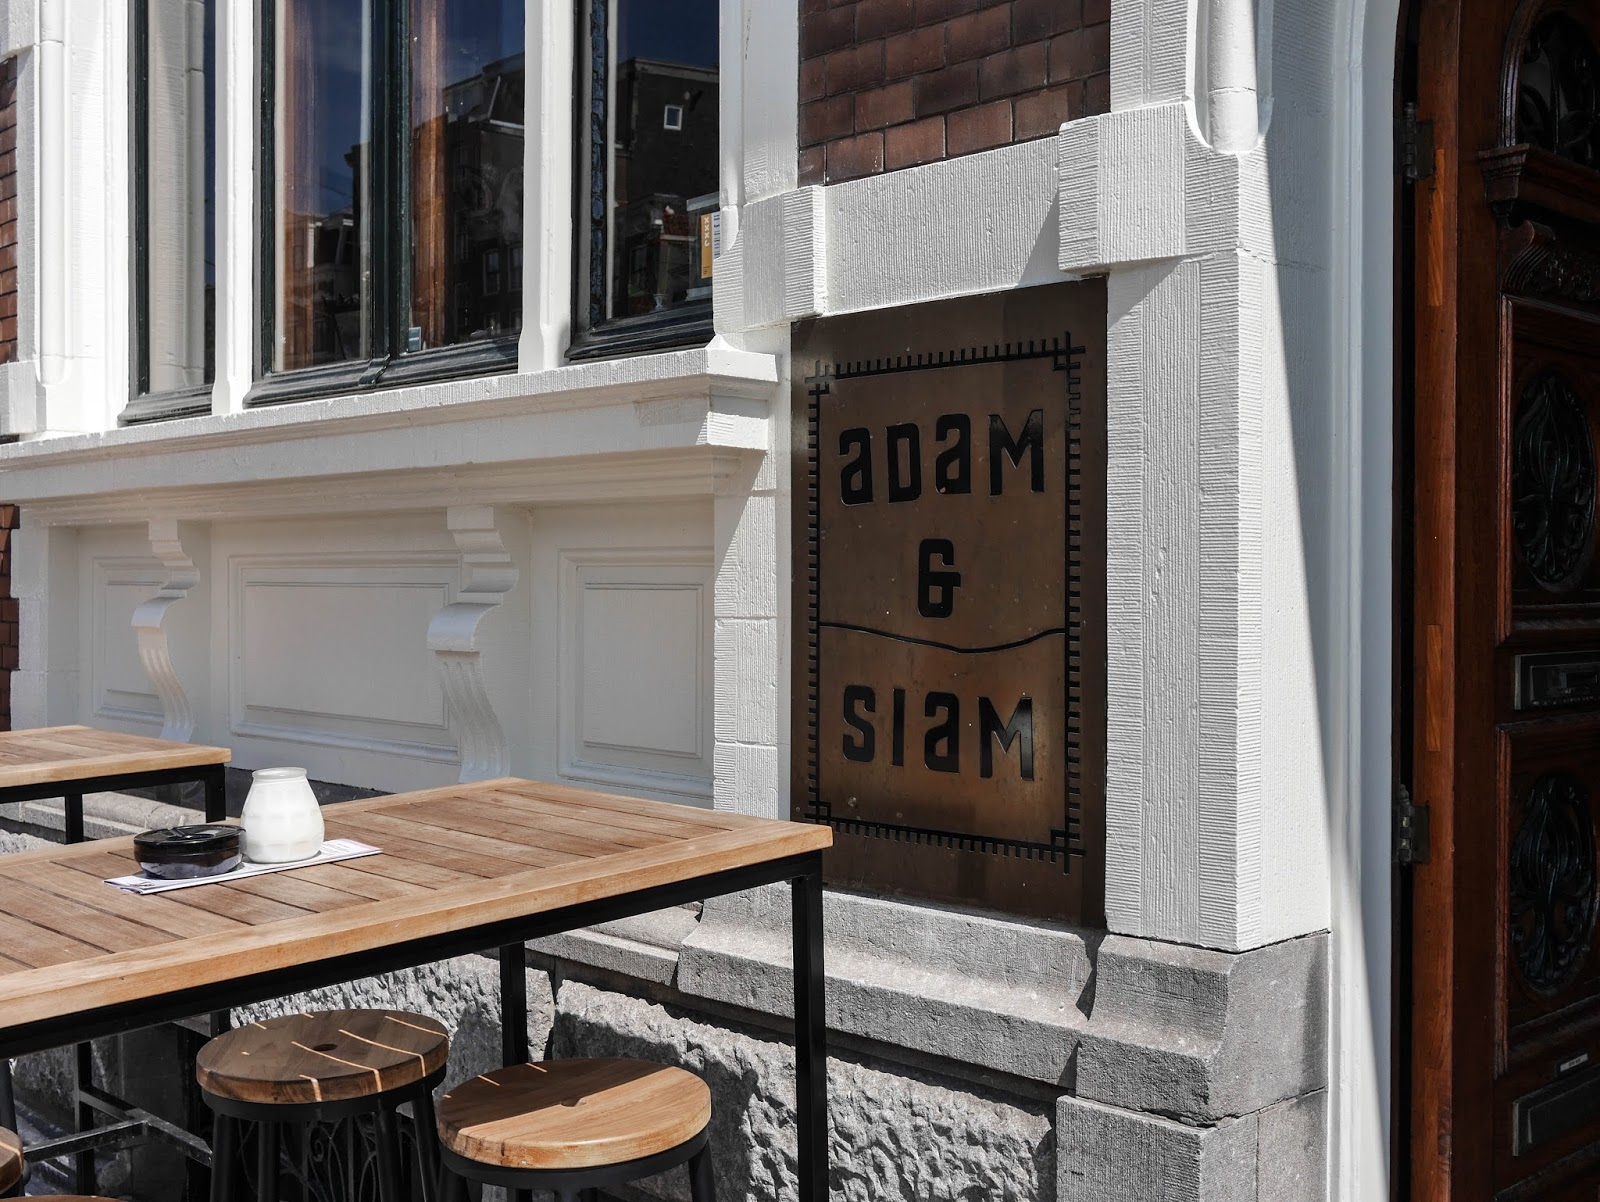 restaurant amdam&siam amsterdam parisgrenoble